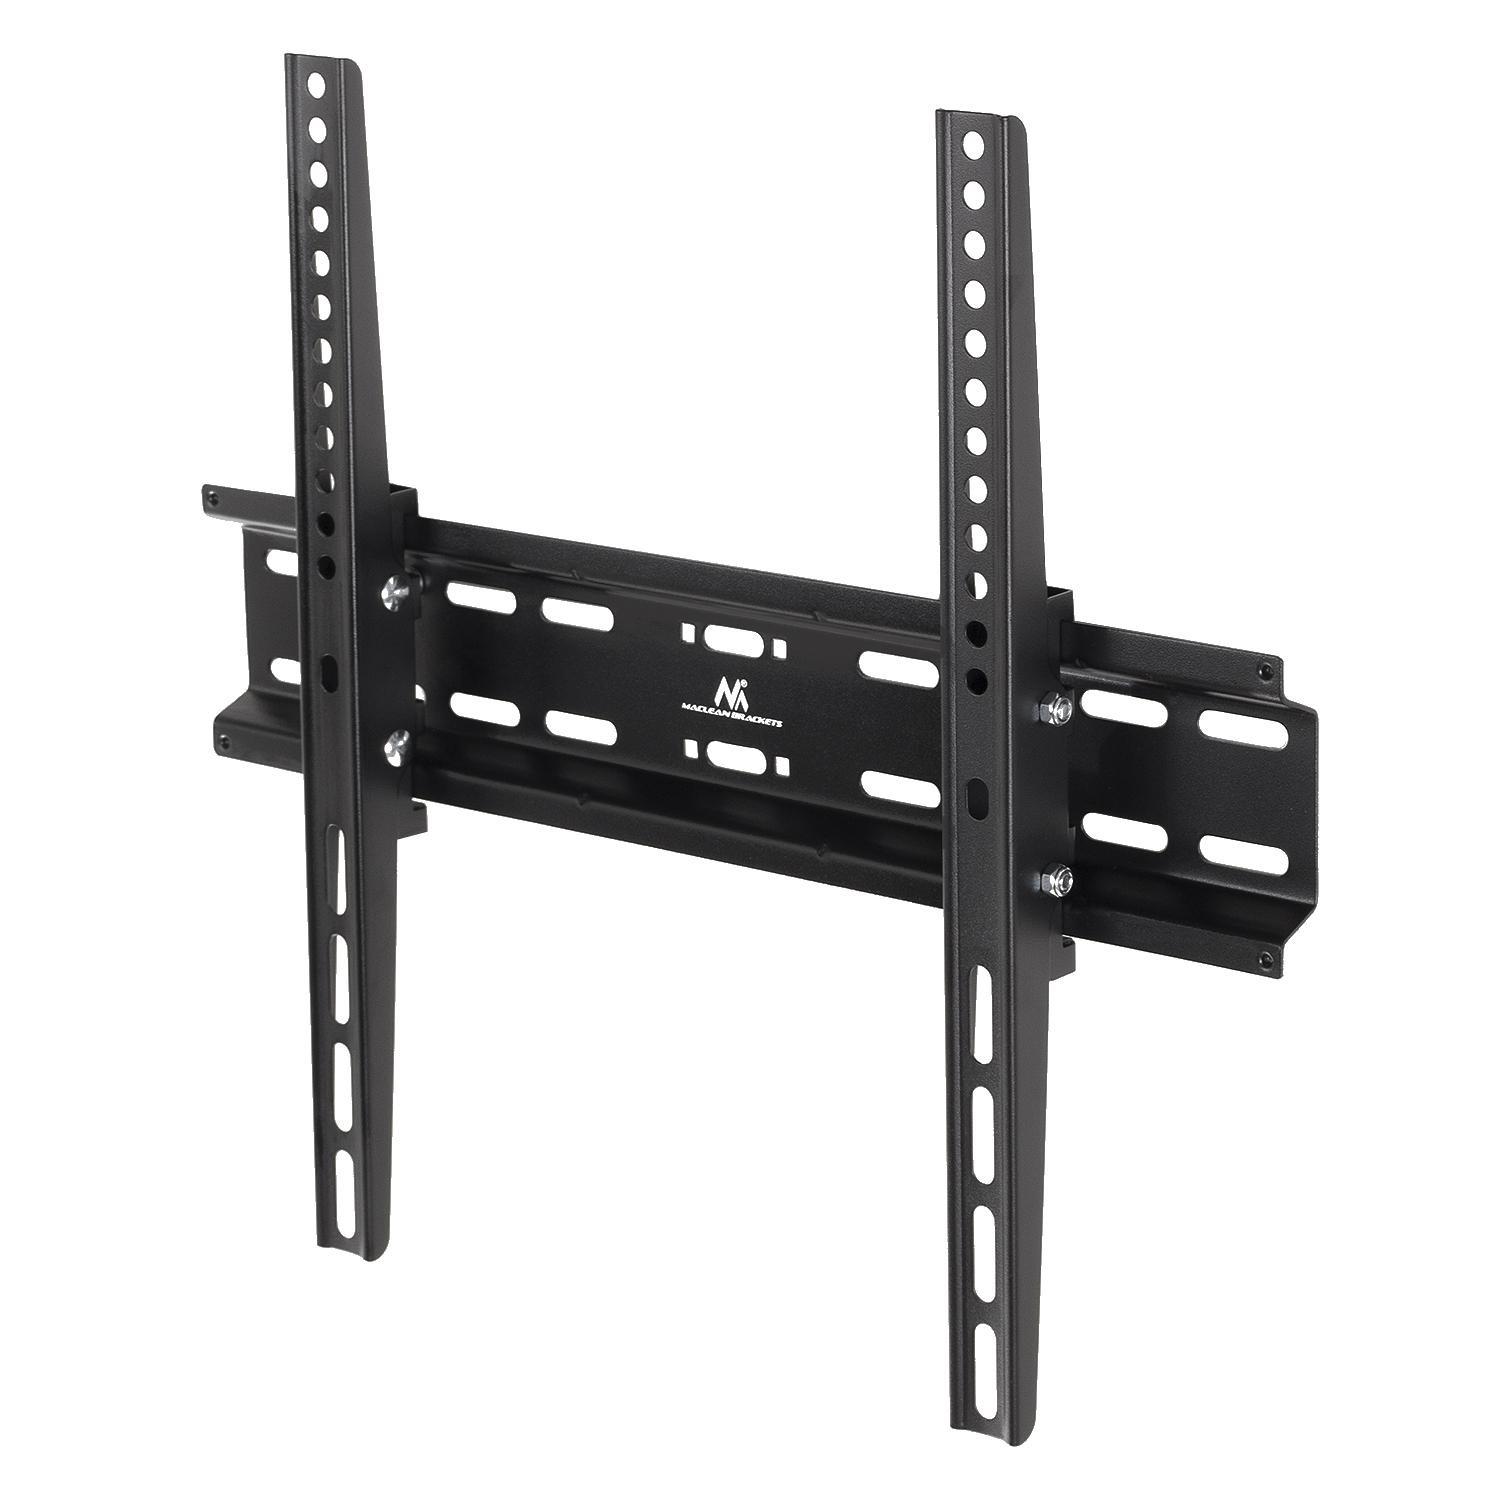 Spolehlivý nástěnný náklopný držák pro zavěšení televizorů 32-55 palců na stěnu, nastavení a zajištění požadovaného náklonu, zajištění Tv proti vysazení, podpora VESA, nosnost 35kg - Fiber Mounts DELTA748